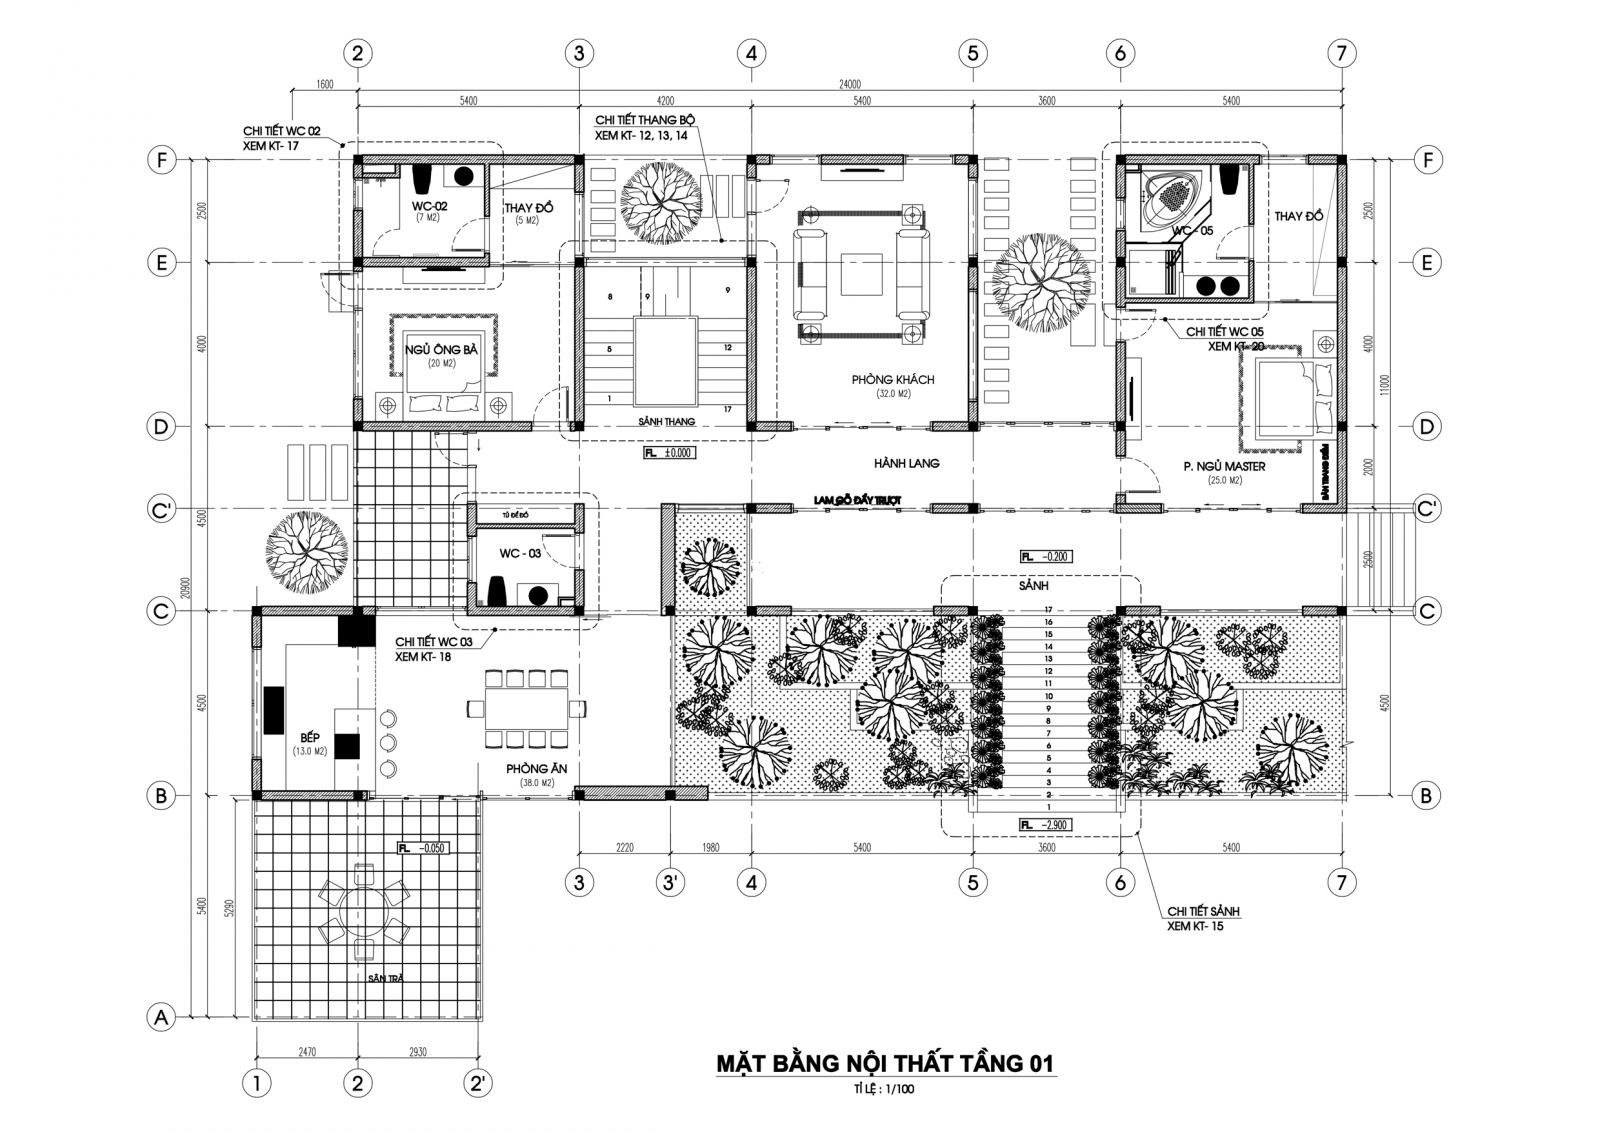 Mặt bằng tầng 1 mẫu nhà biệt thự 2 tầng hiện đại